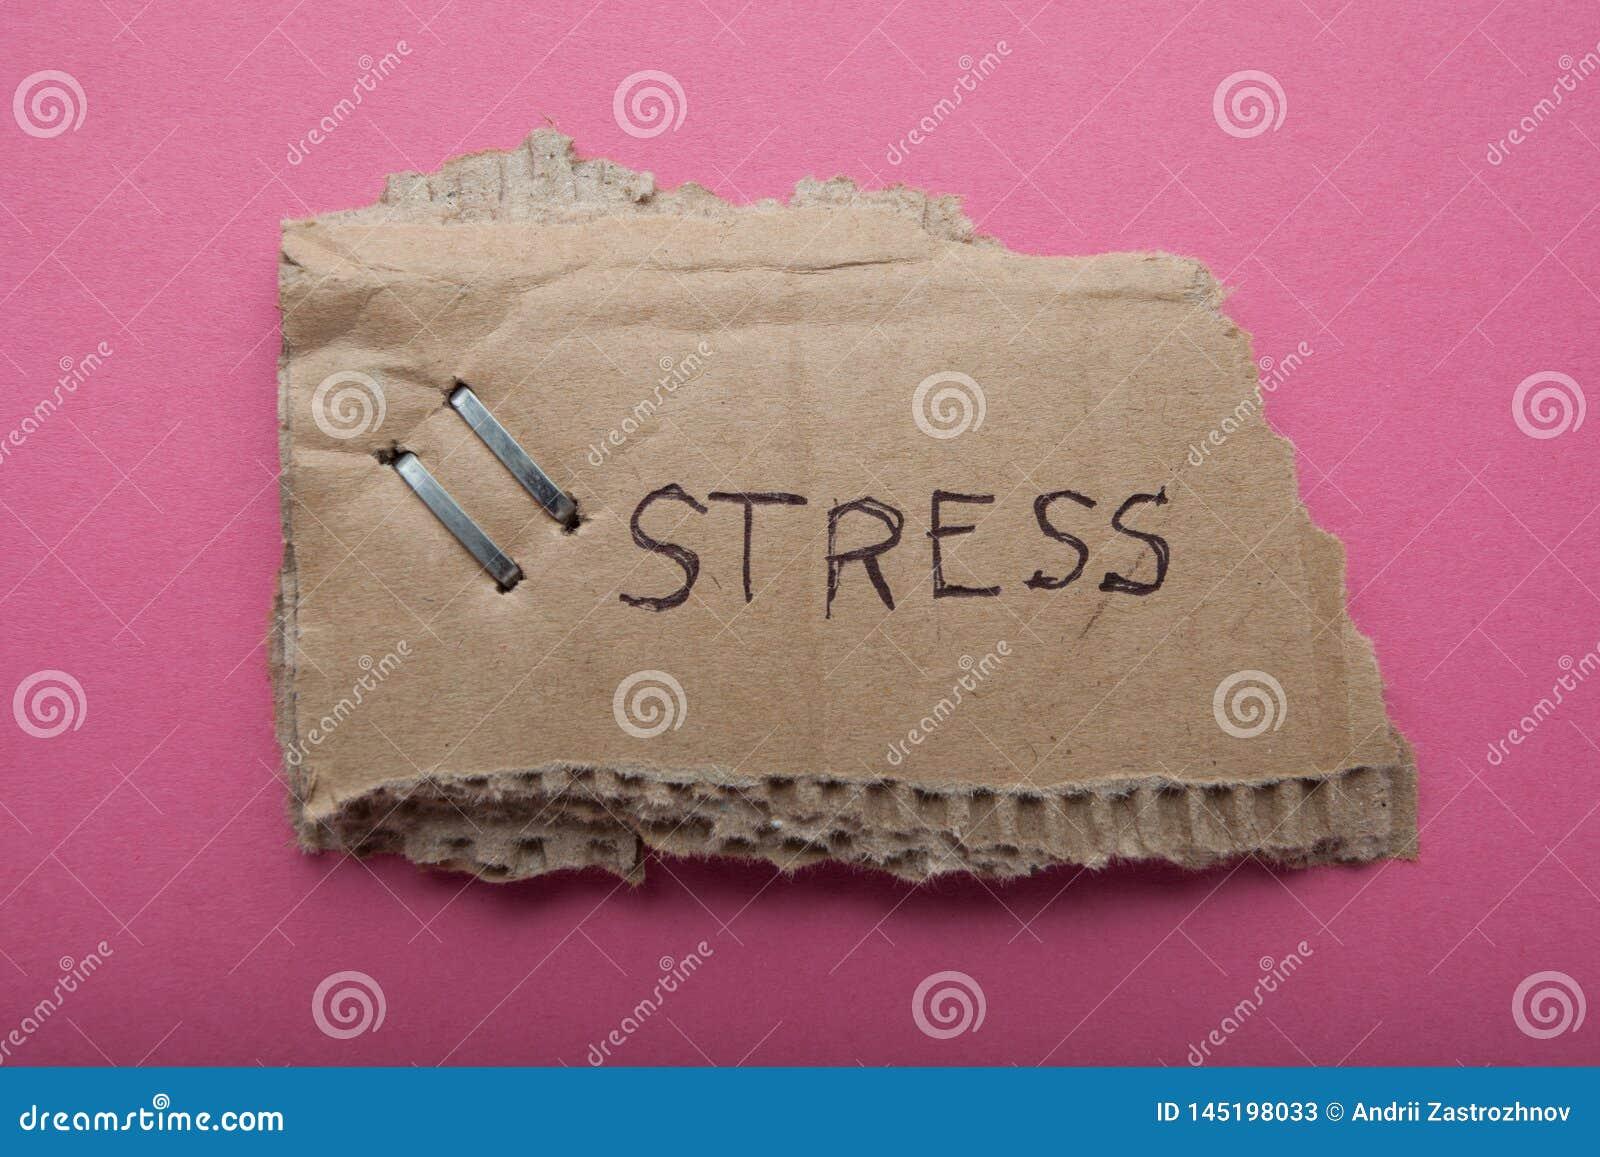 Der Drücke des Wortes ', die auf eine alte heftige Pappe geschrieben werden, wird auf einem rosa Hintergrund lokalisiert